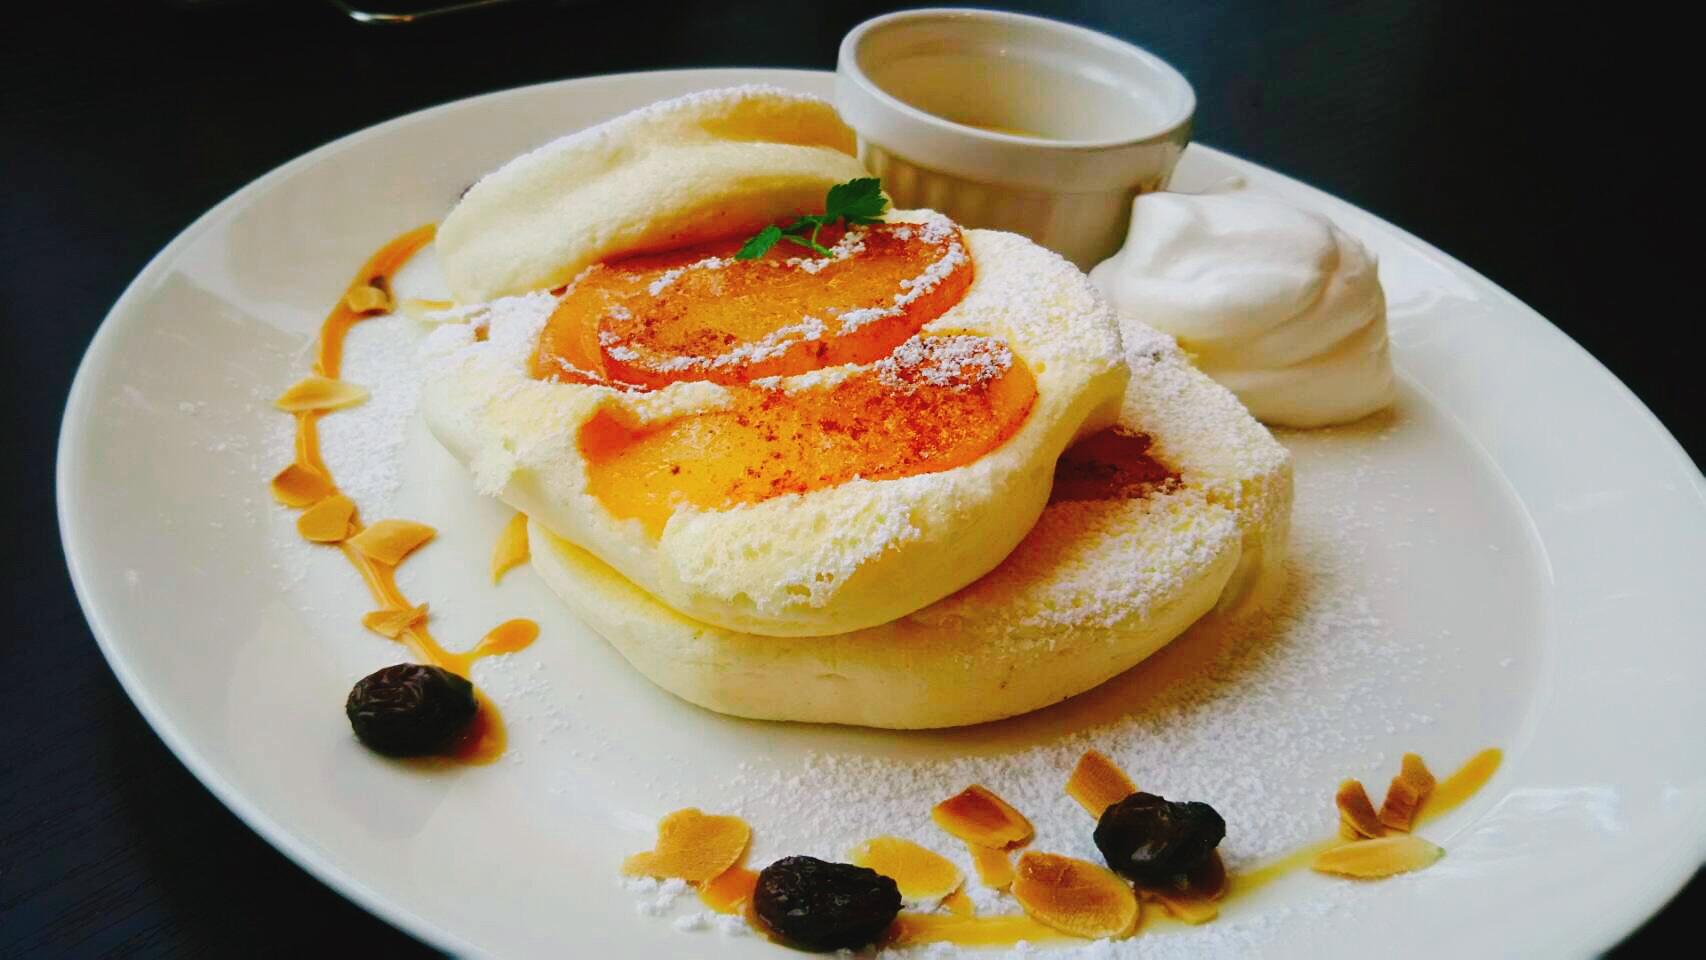 札幌のカフェ「カノンパンケークス」のとろけるパンケーキ!